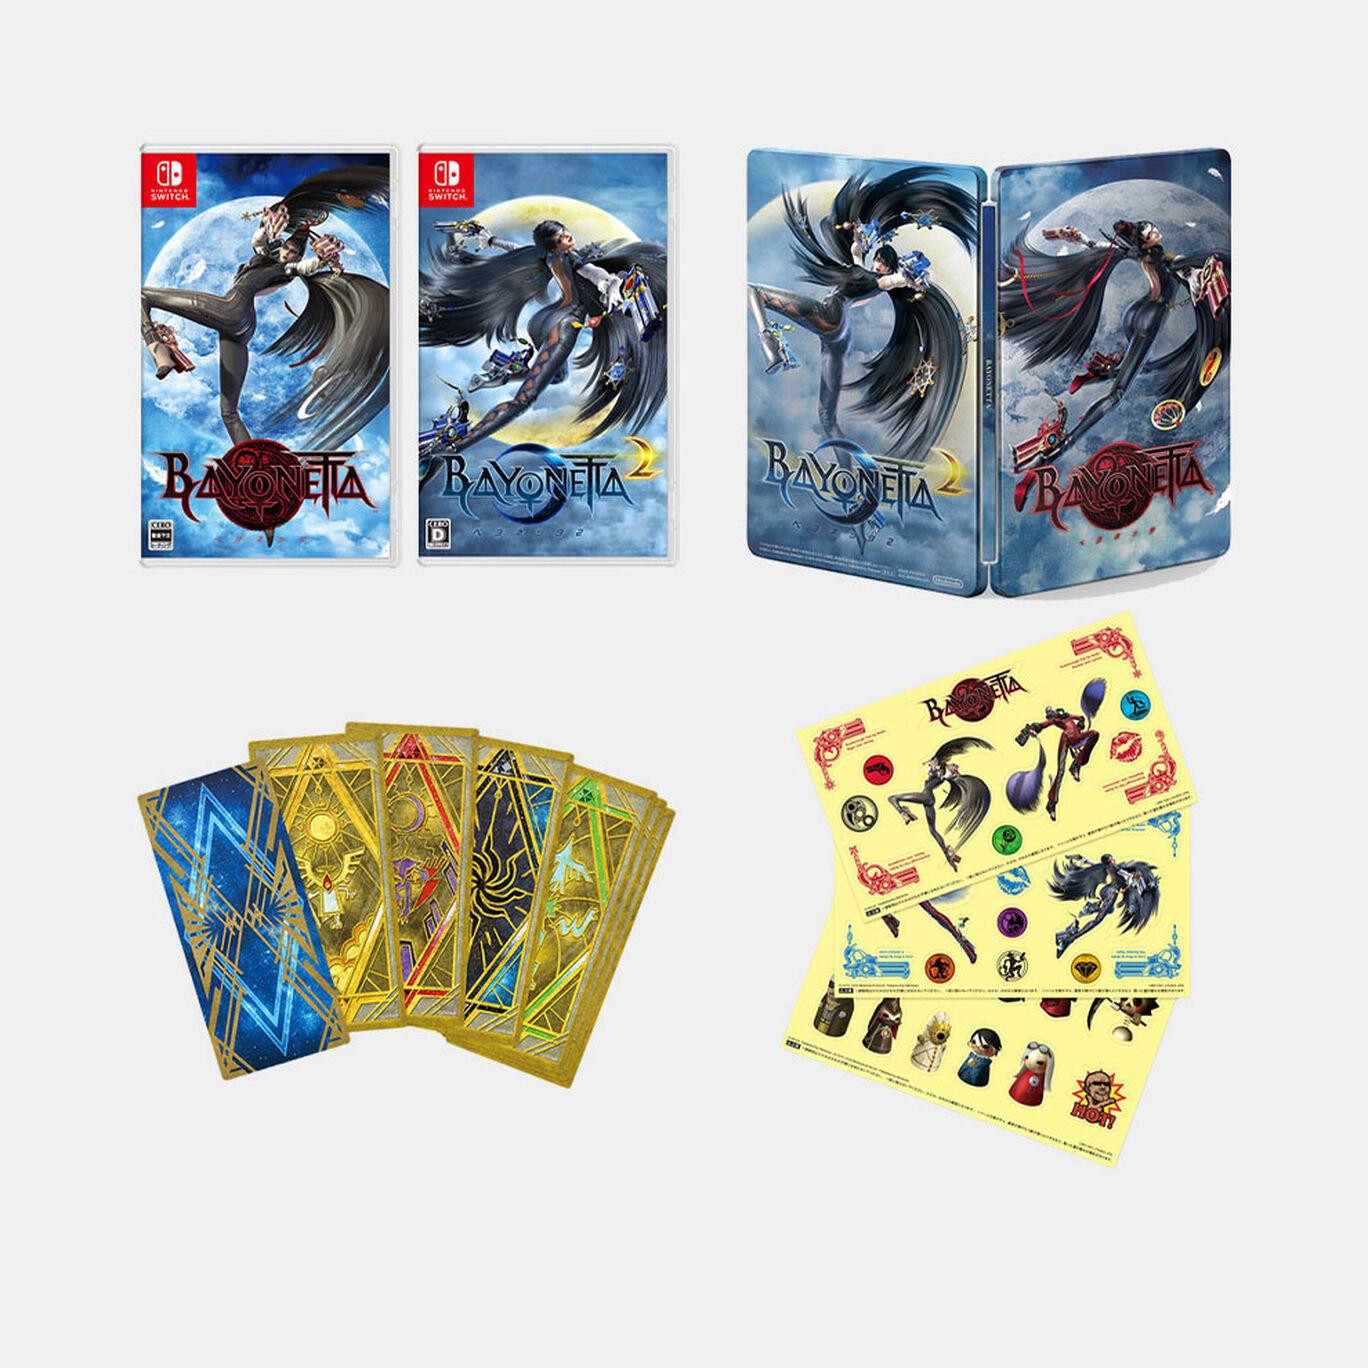 ベヨネッタ ∞CLIMAX EDITION(ゲームカードなし) ※特典のみ